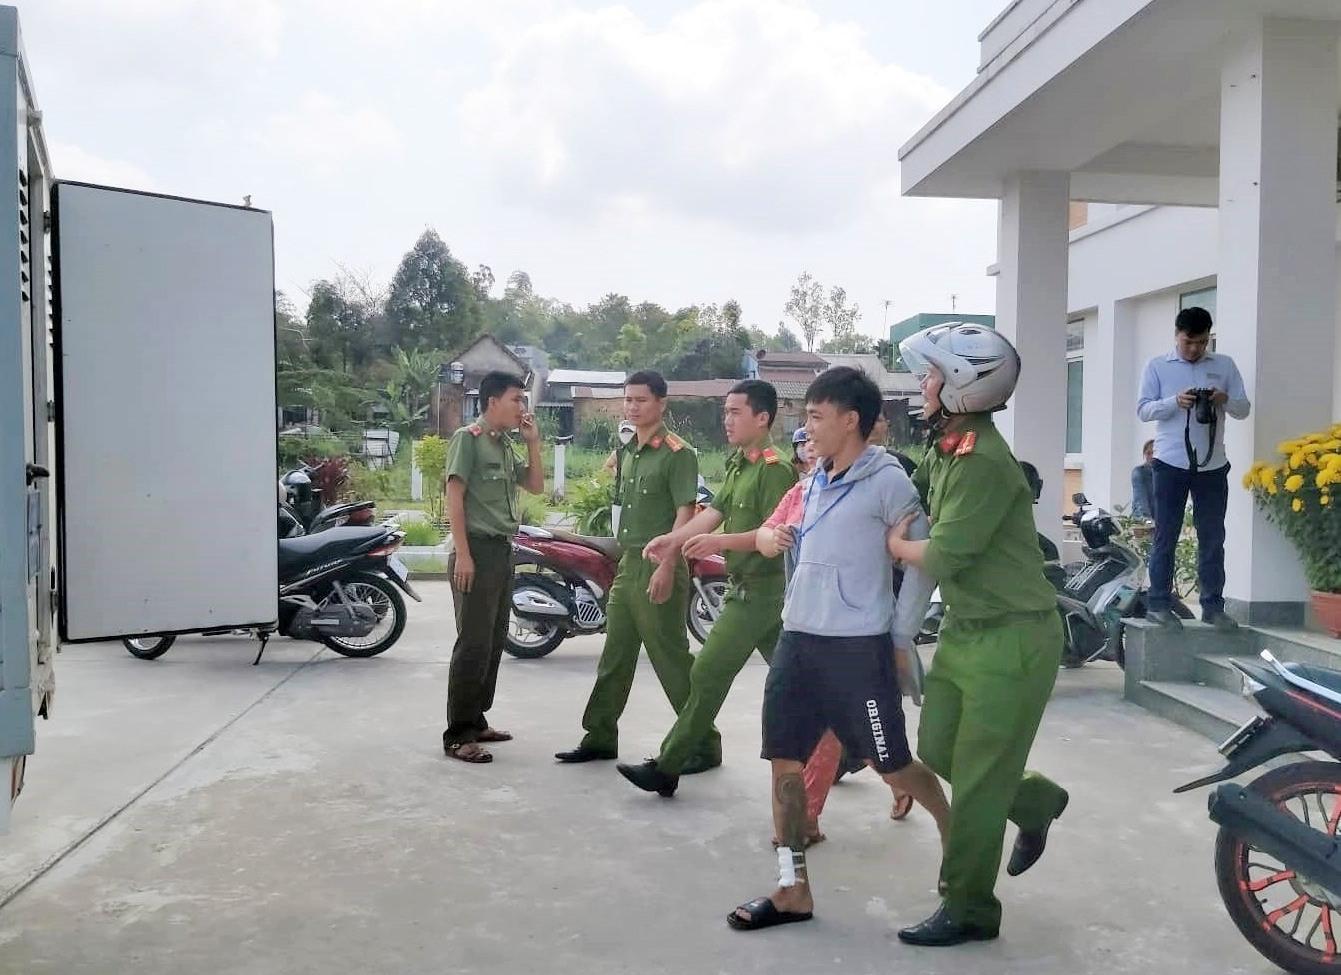 Lực lượng công an đã bắt giữ đối tượng Nguyễn Chí Cường. Ảnh: T.T